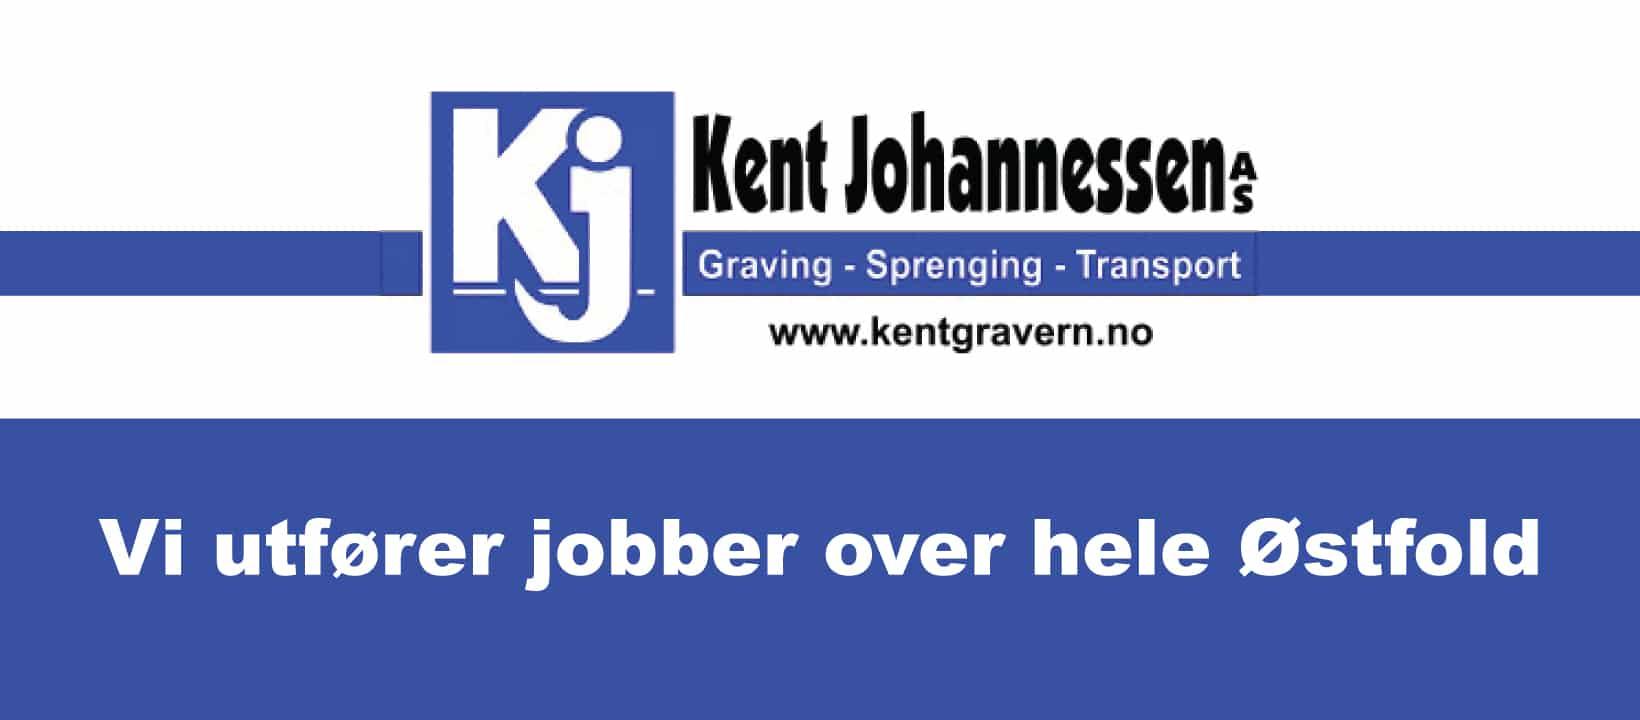 Kent Johannessen AS logo - Separering av private stikkledninger - Kent Gravern, Sarpsborg